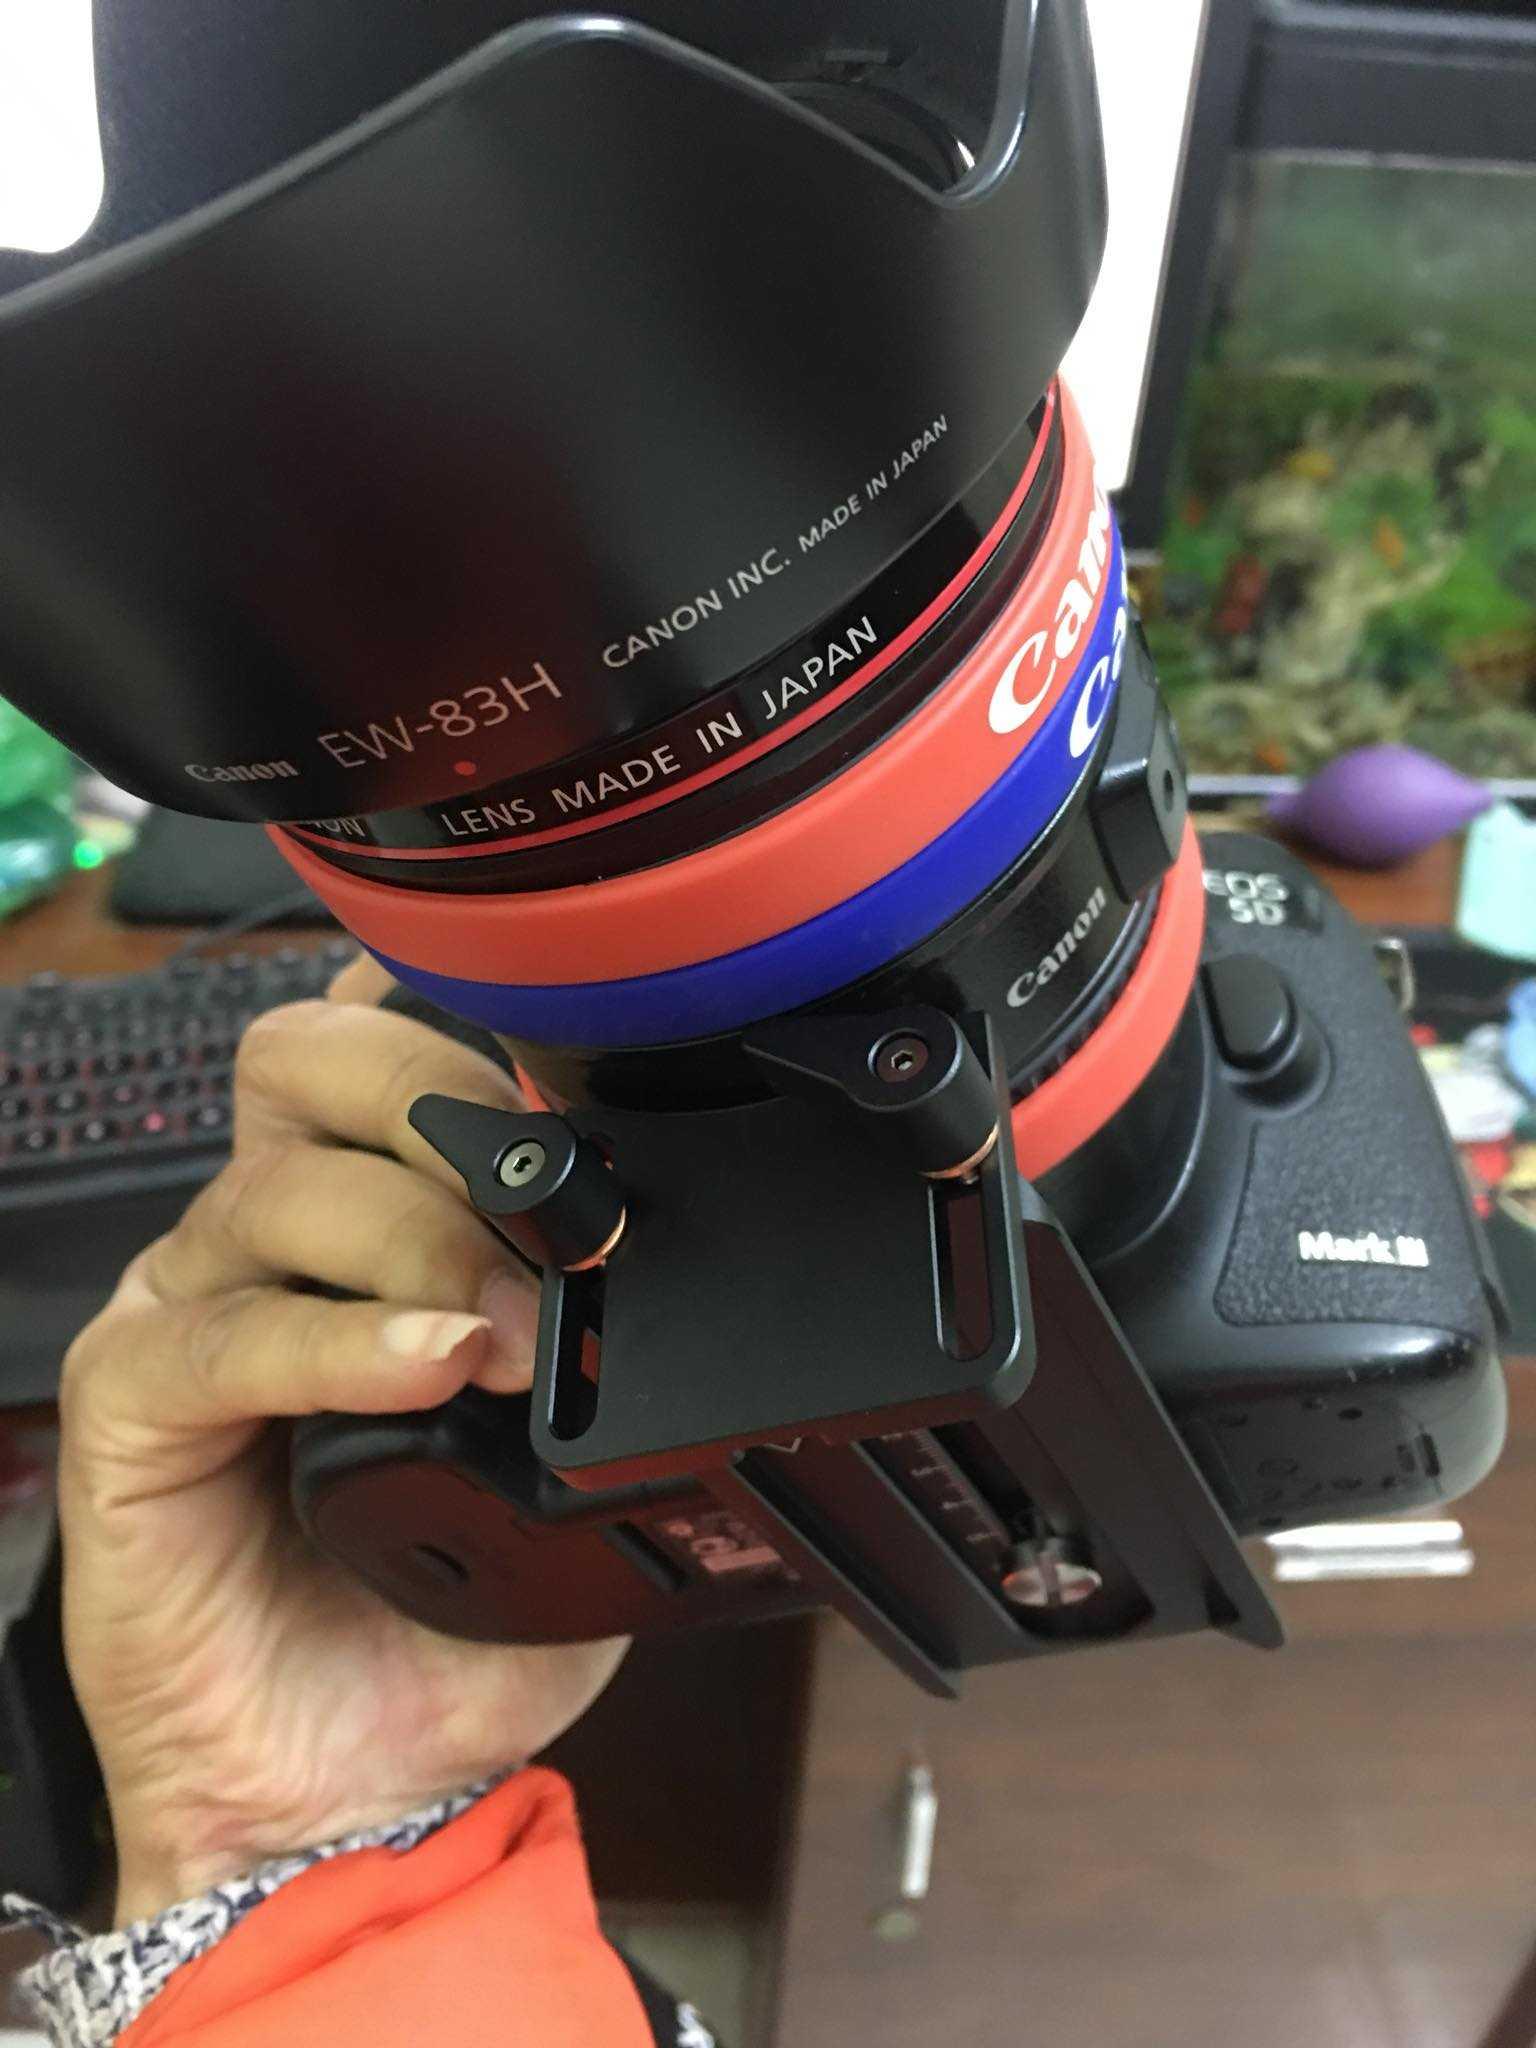 Em mới mua cái gimbal chống rung Crane2,nhưng sao cái đỡ lens của e nó lại khác cái e vẫn xem trên web vậy các bác nhỉ?